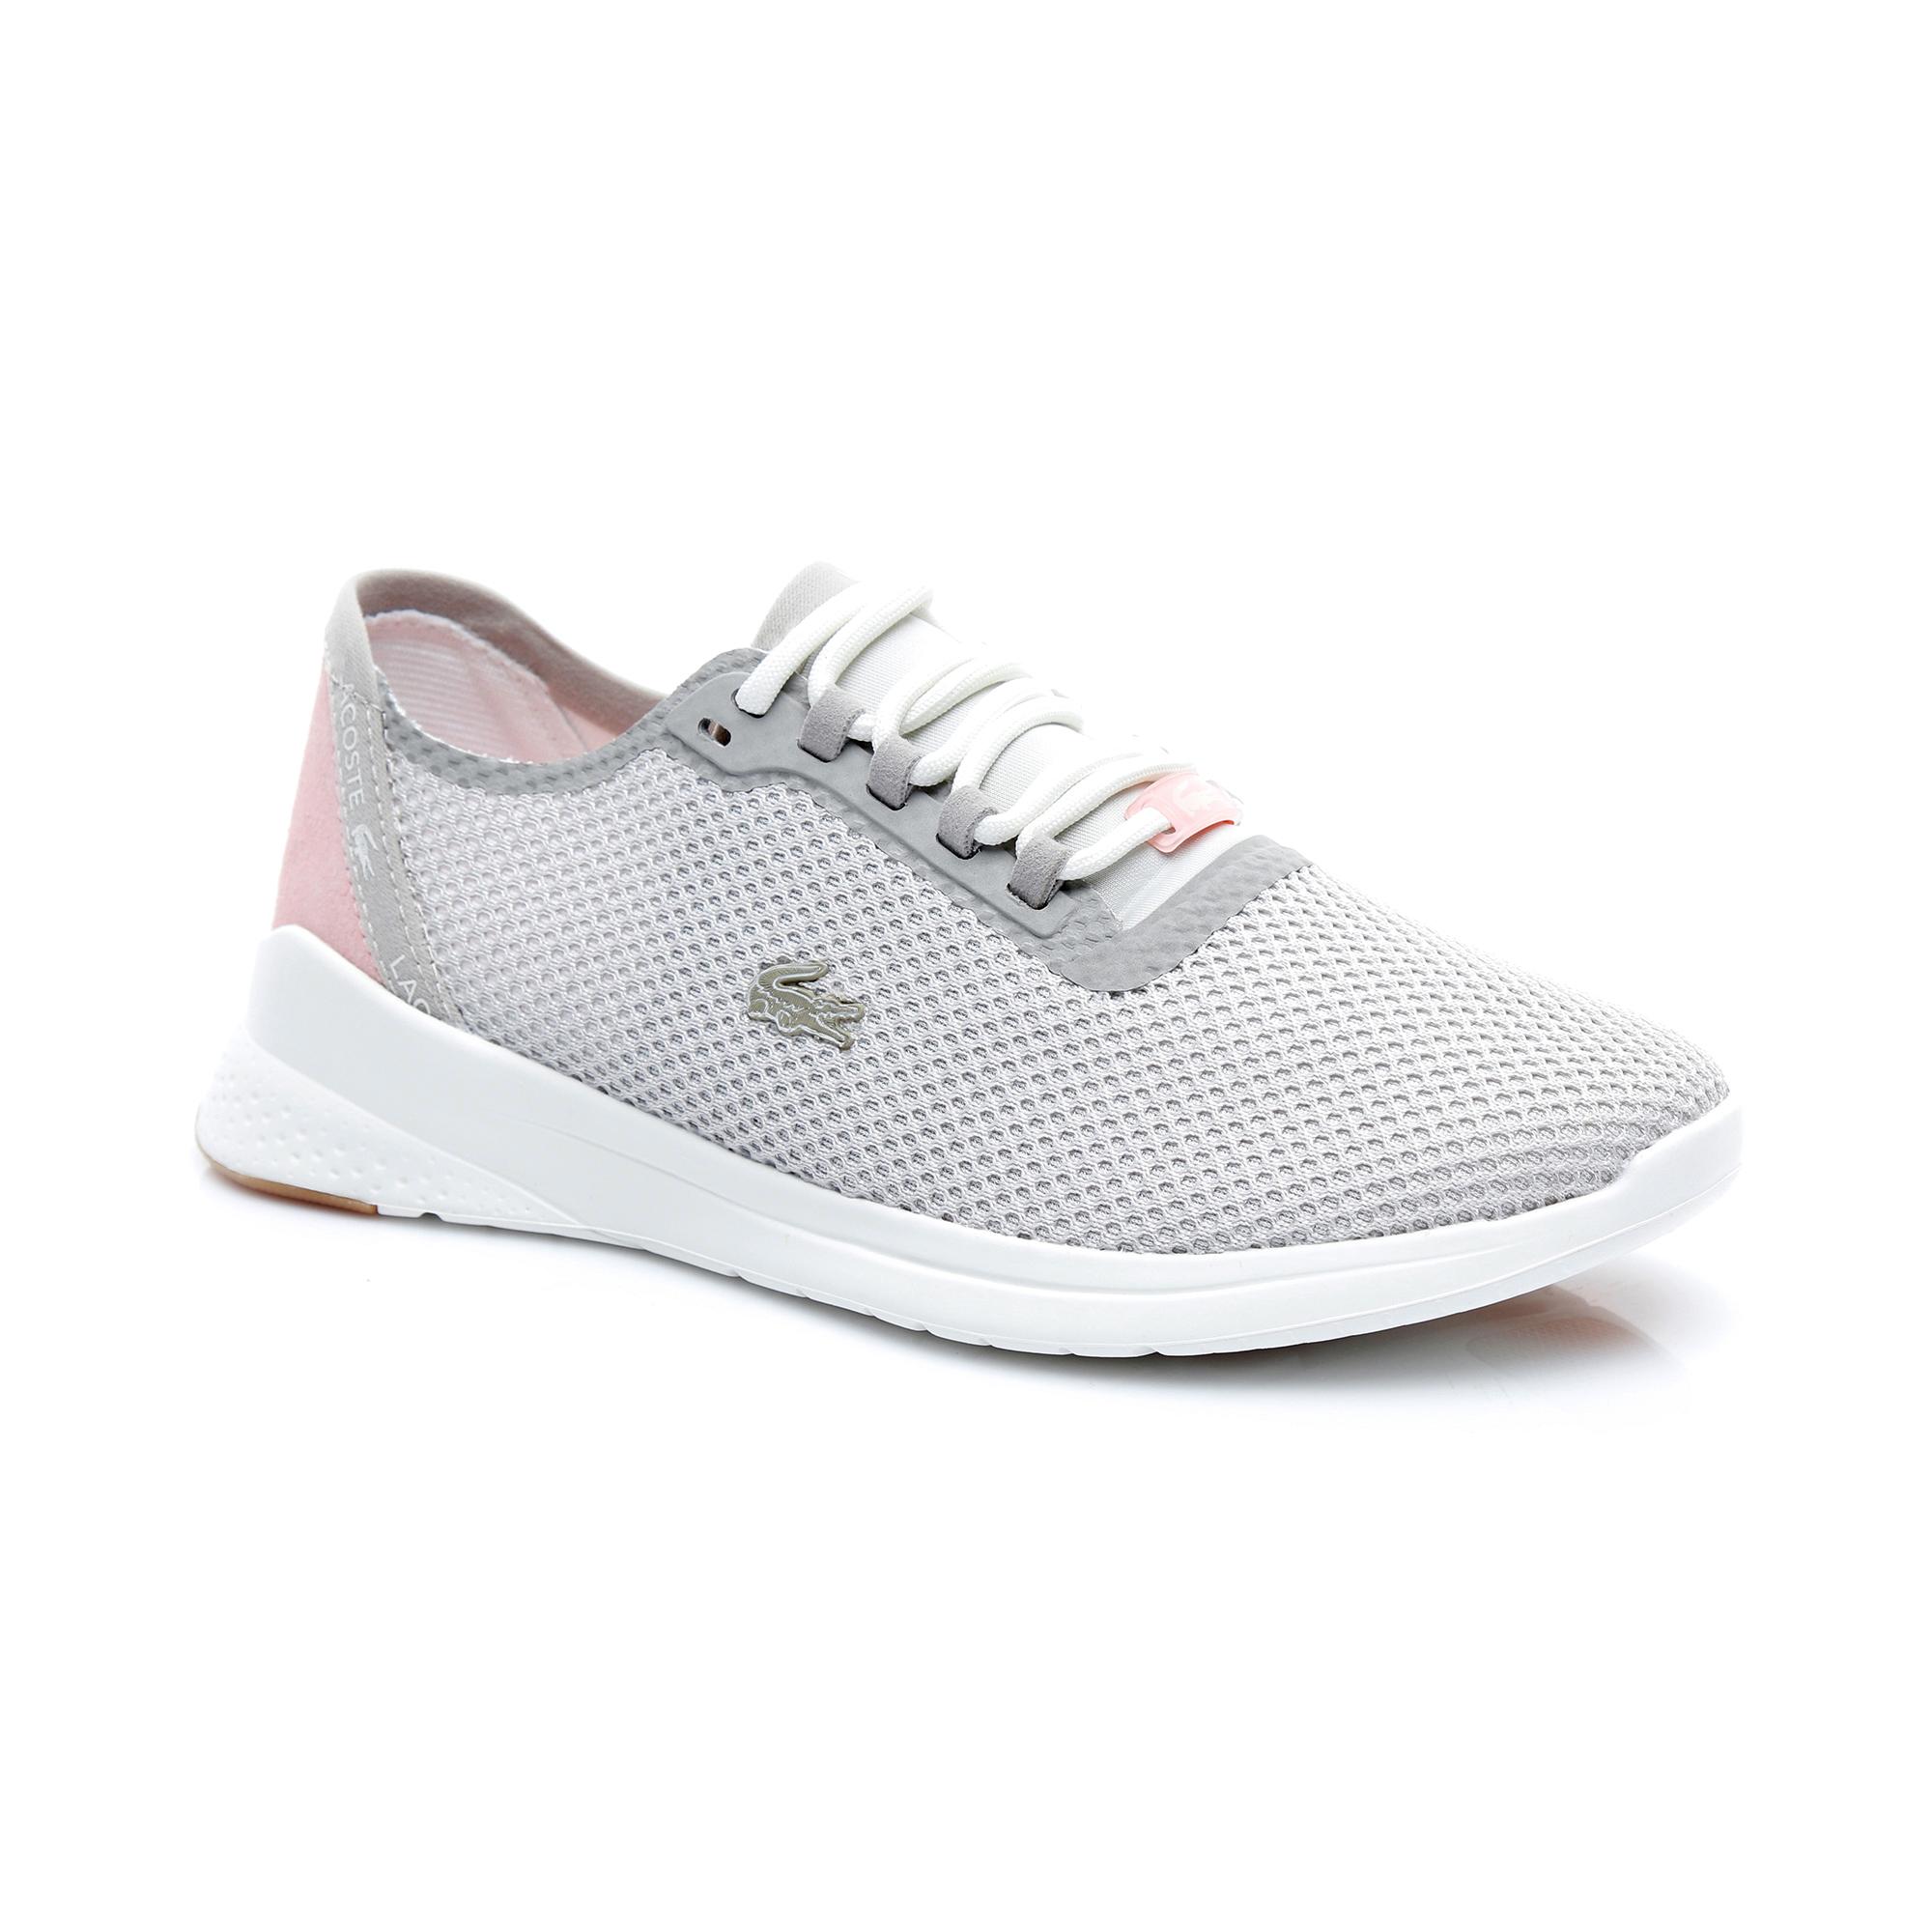 Lacoste LT Fit 119 2 Damskie Sneakersy